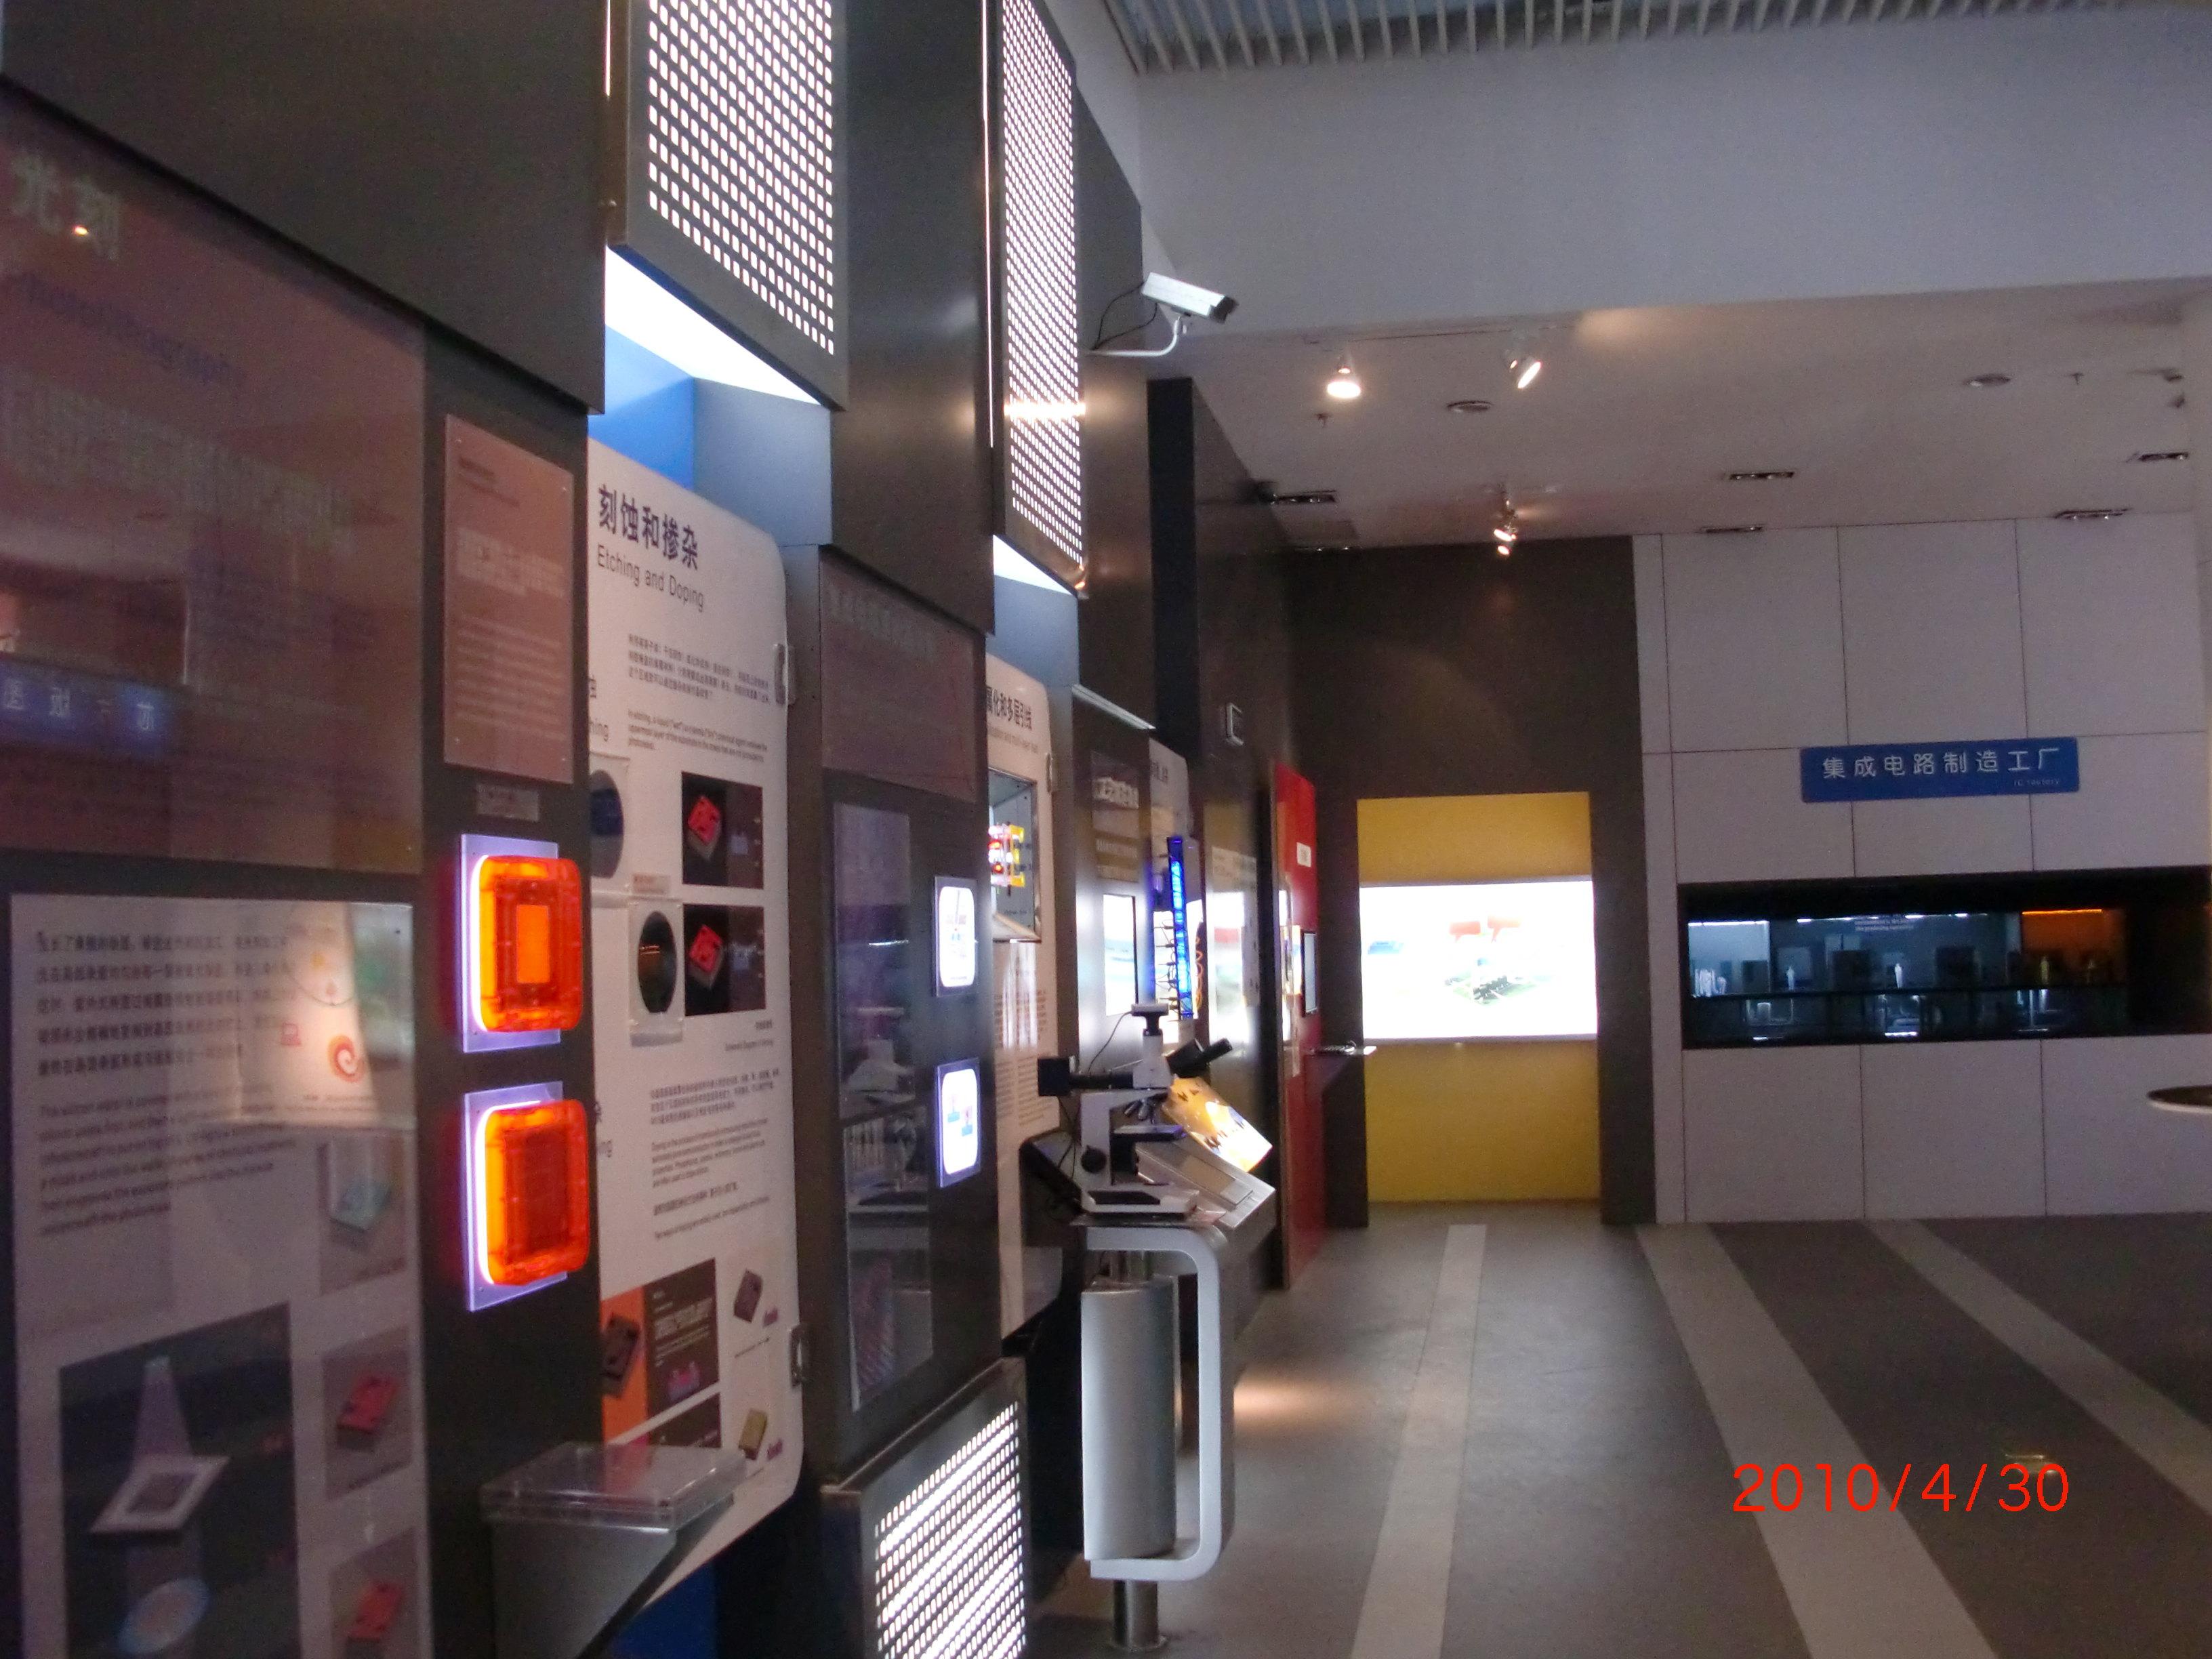 上海集成电路科技馆,上海上海集成电路科技馆攻略